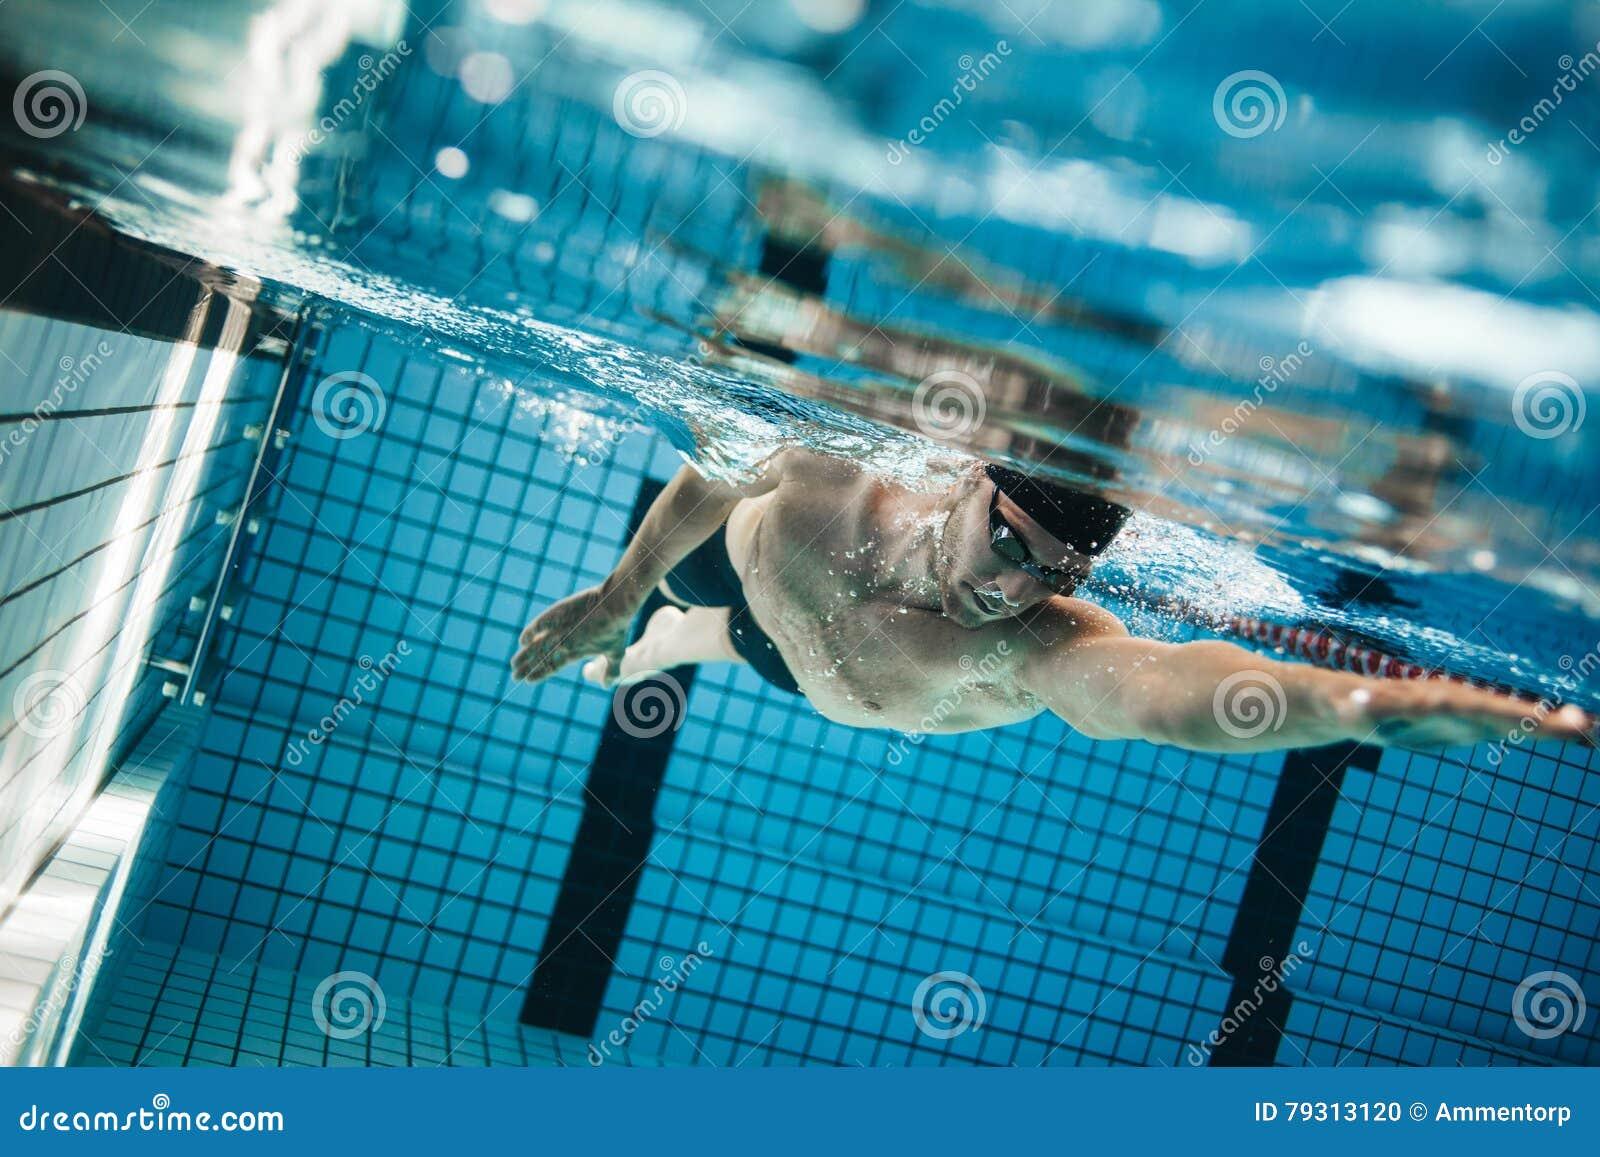 Ο νεαρός άνδρας που κολυμπά το μέτωπο σέρνεται σε μια λίμνη